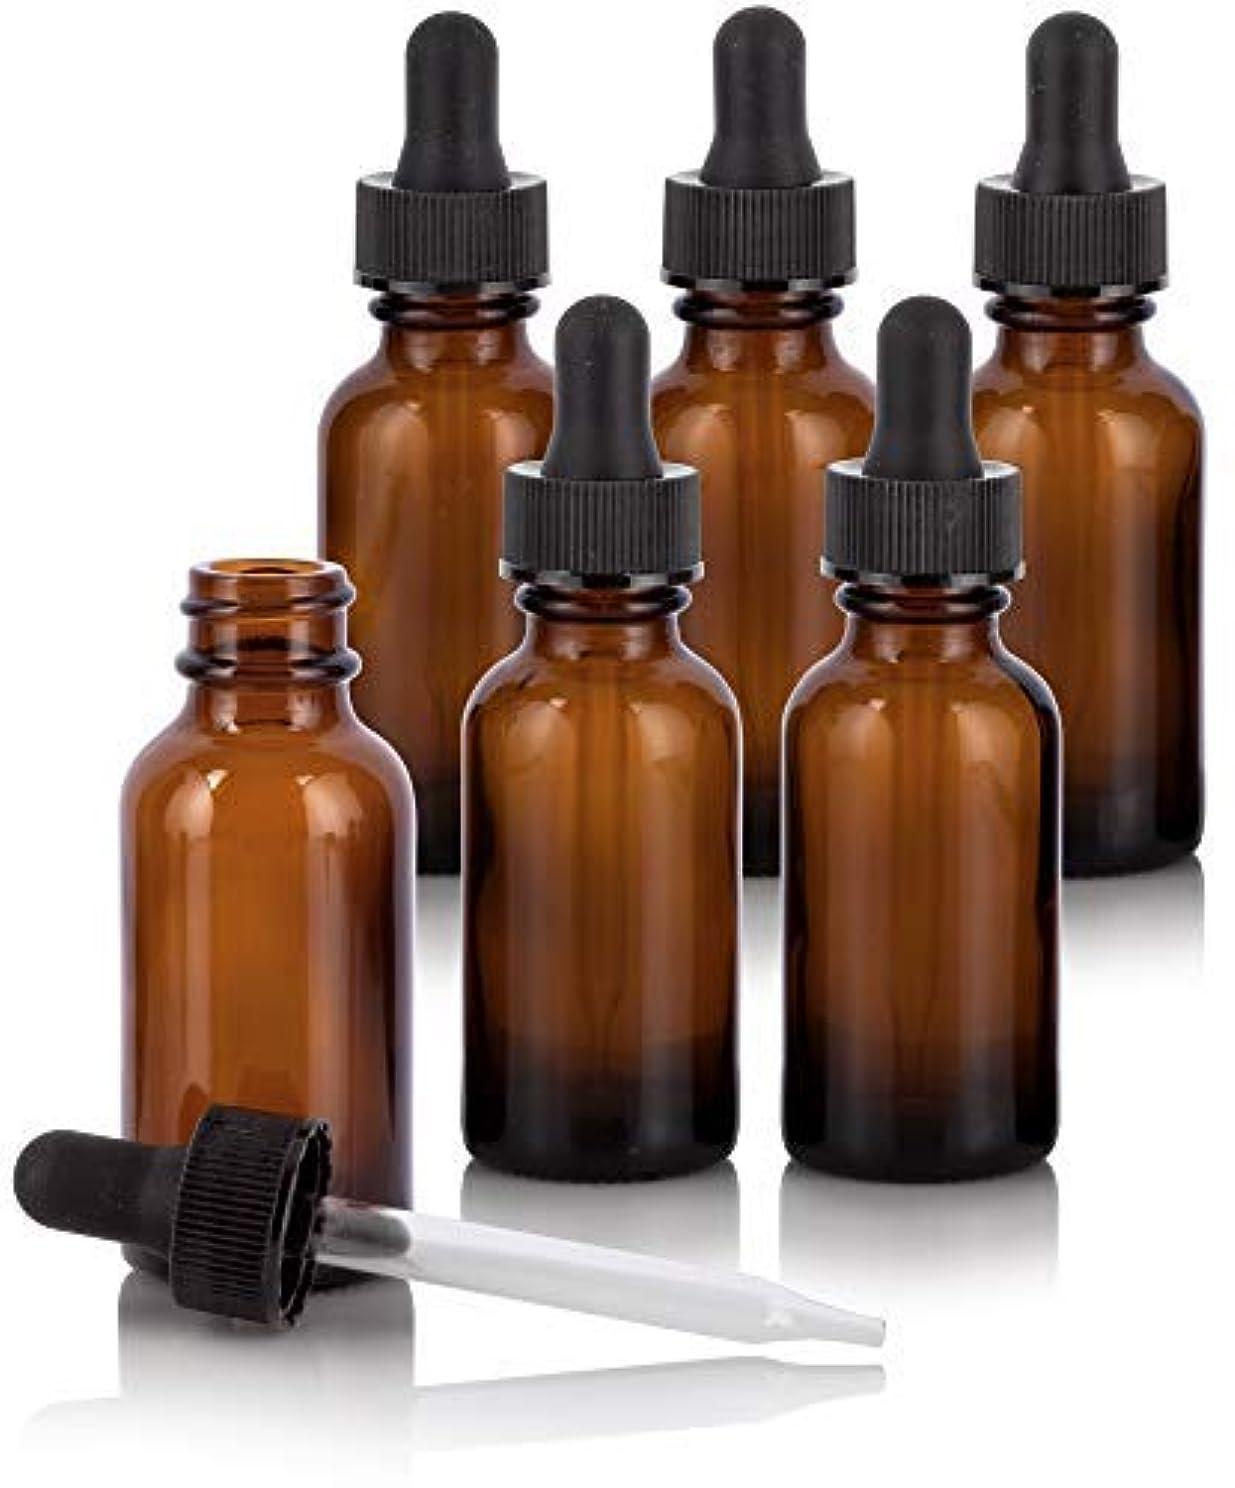 ポイント脈拍いろいろ1 oz Amber Glass Boston Round Dropper Bottle (6 Pack) + Funnel and Labels for Essential Oils, Aromatherapy, e-Liquid...